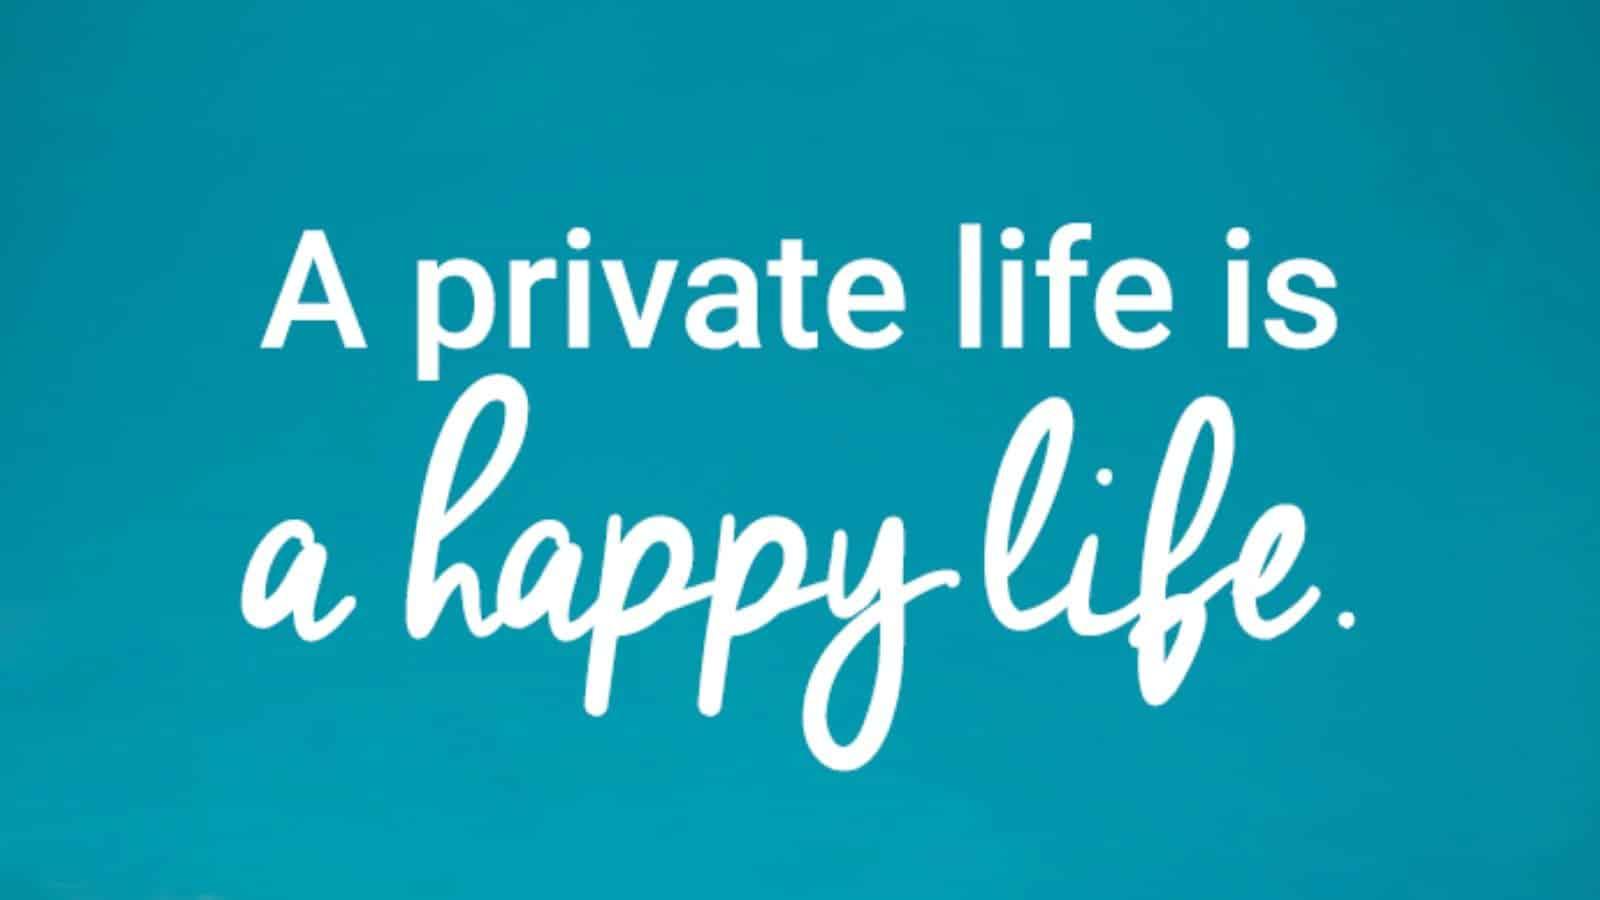 happy life meme